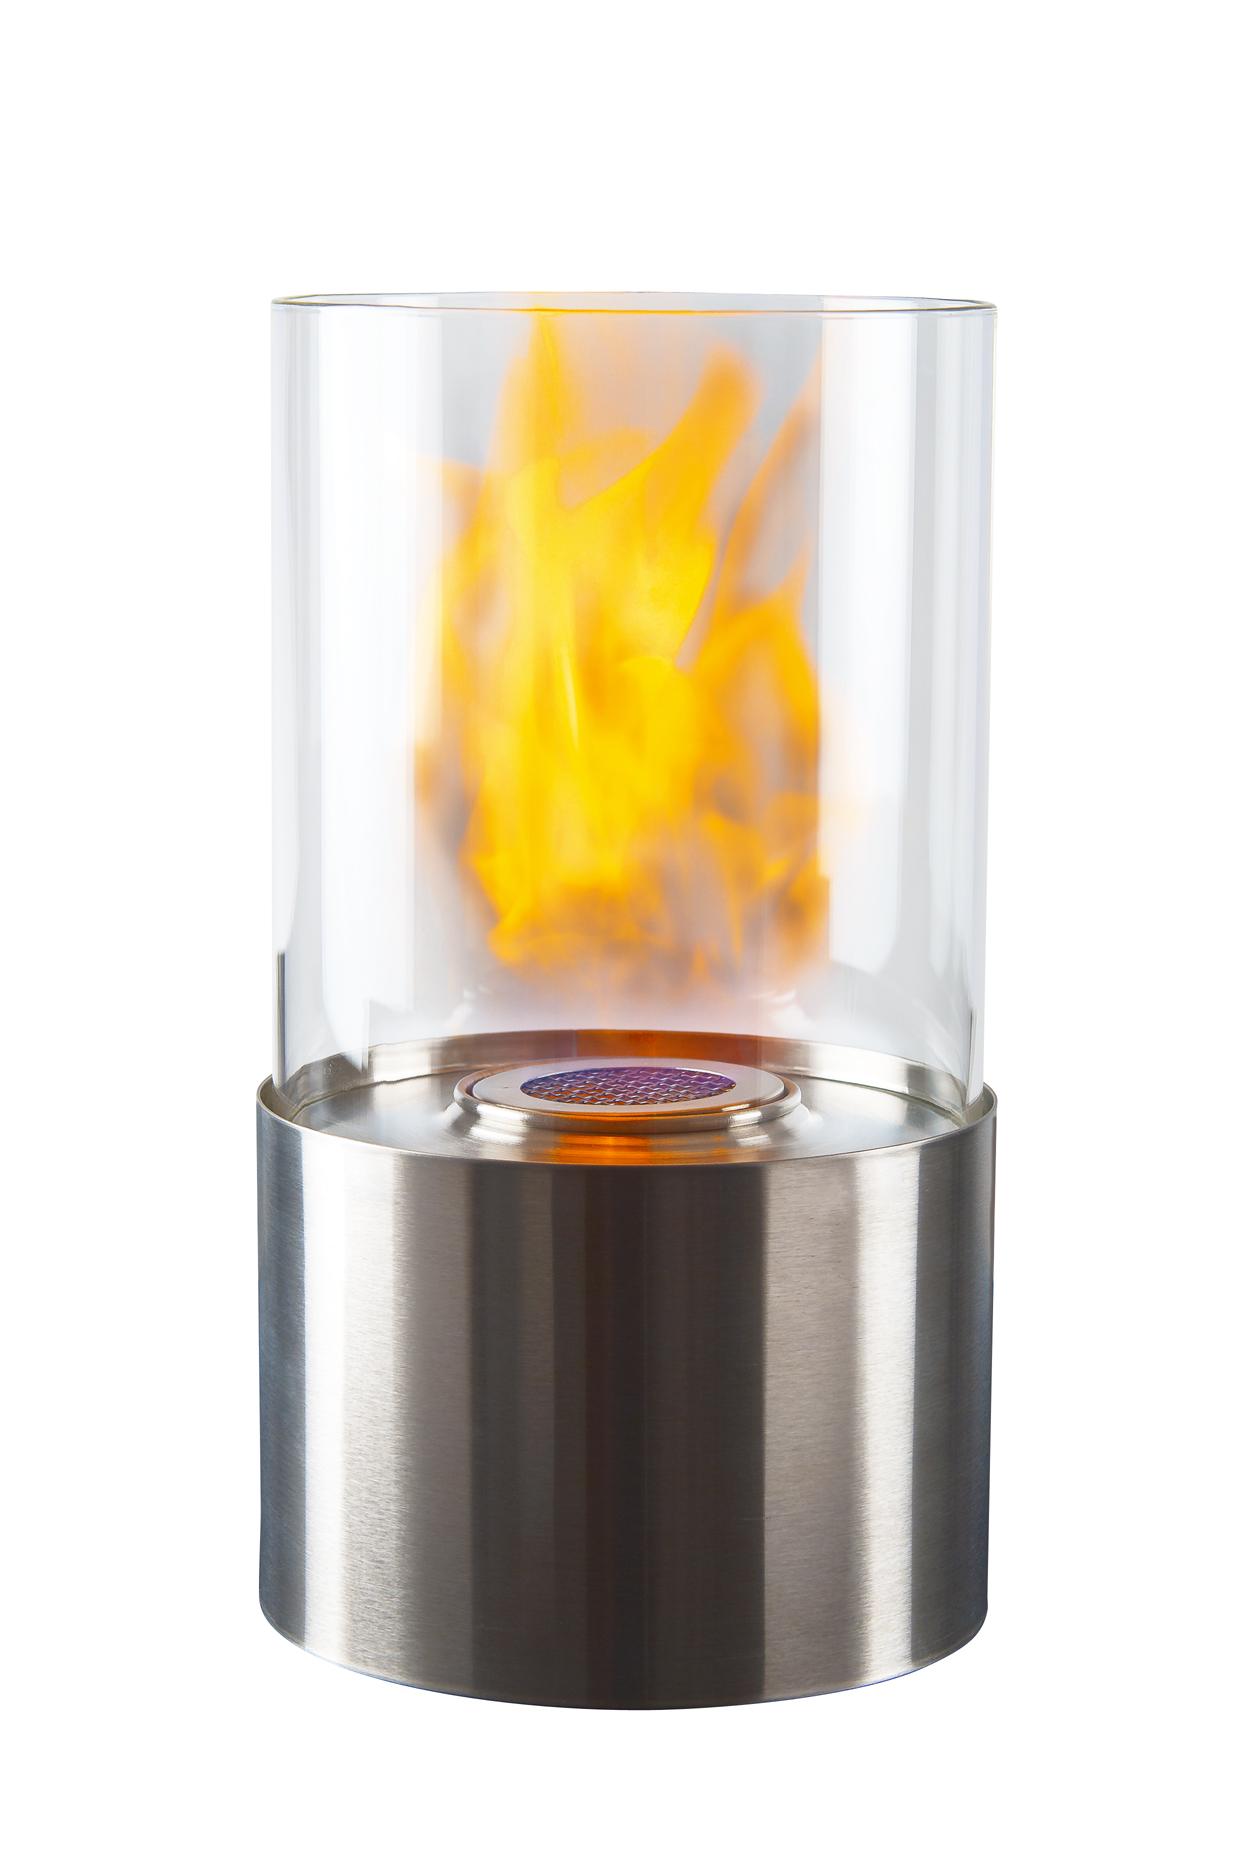 Bioetanollyktor